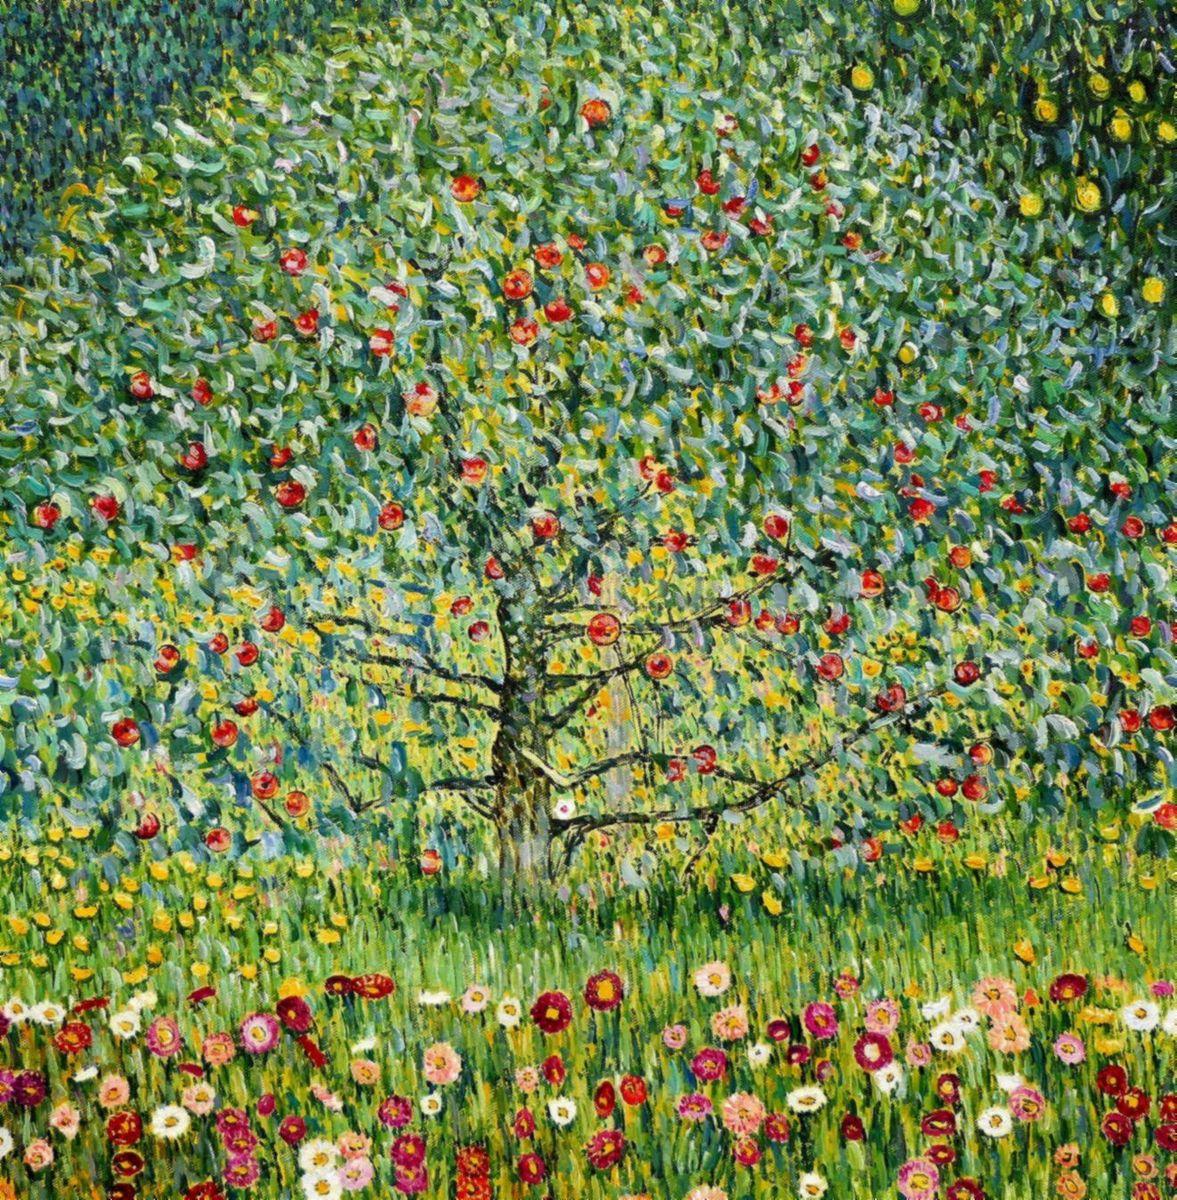 Gustav Klimt - Der Apfelbaum e97950 60x60cm bemerkenswertes Ölgemälde handgemalt Museumsqualität